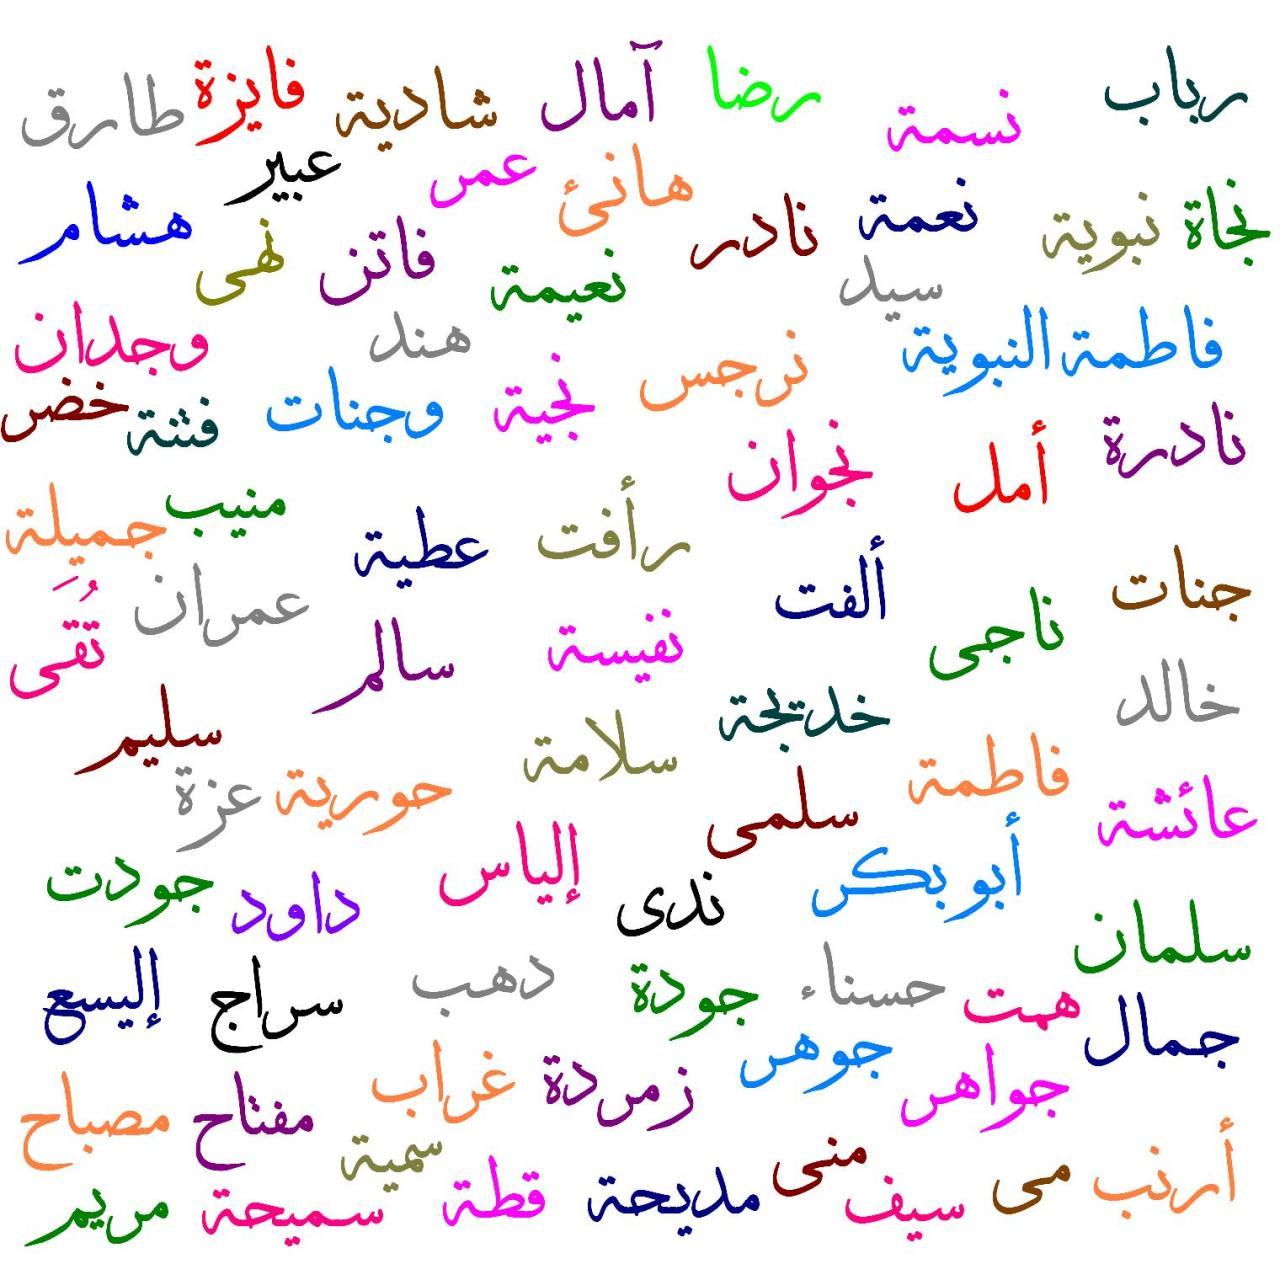 صورة اسماء بنات اسلامية حديثة 366